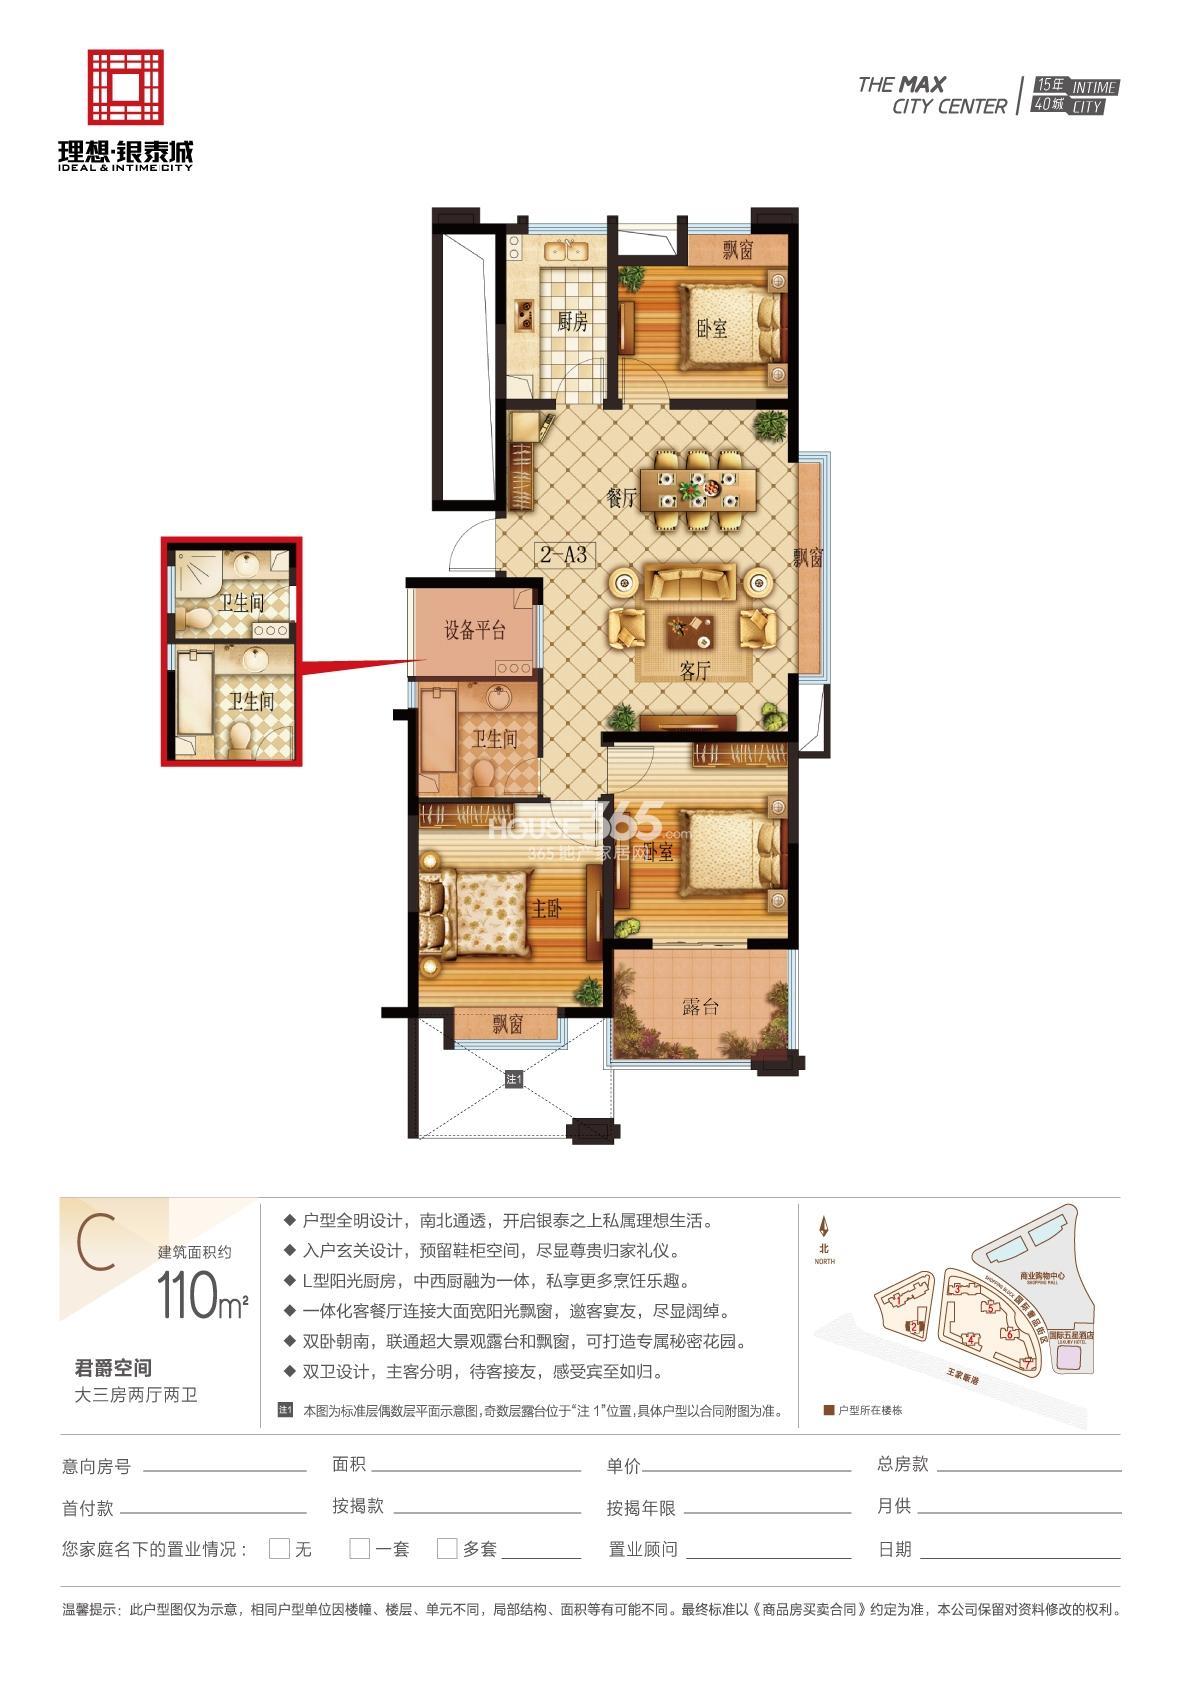 理想银泰城2号楼C户型110方大三房两厅两卫户型图